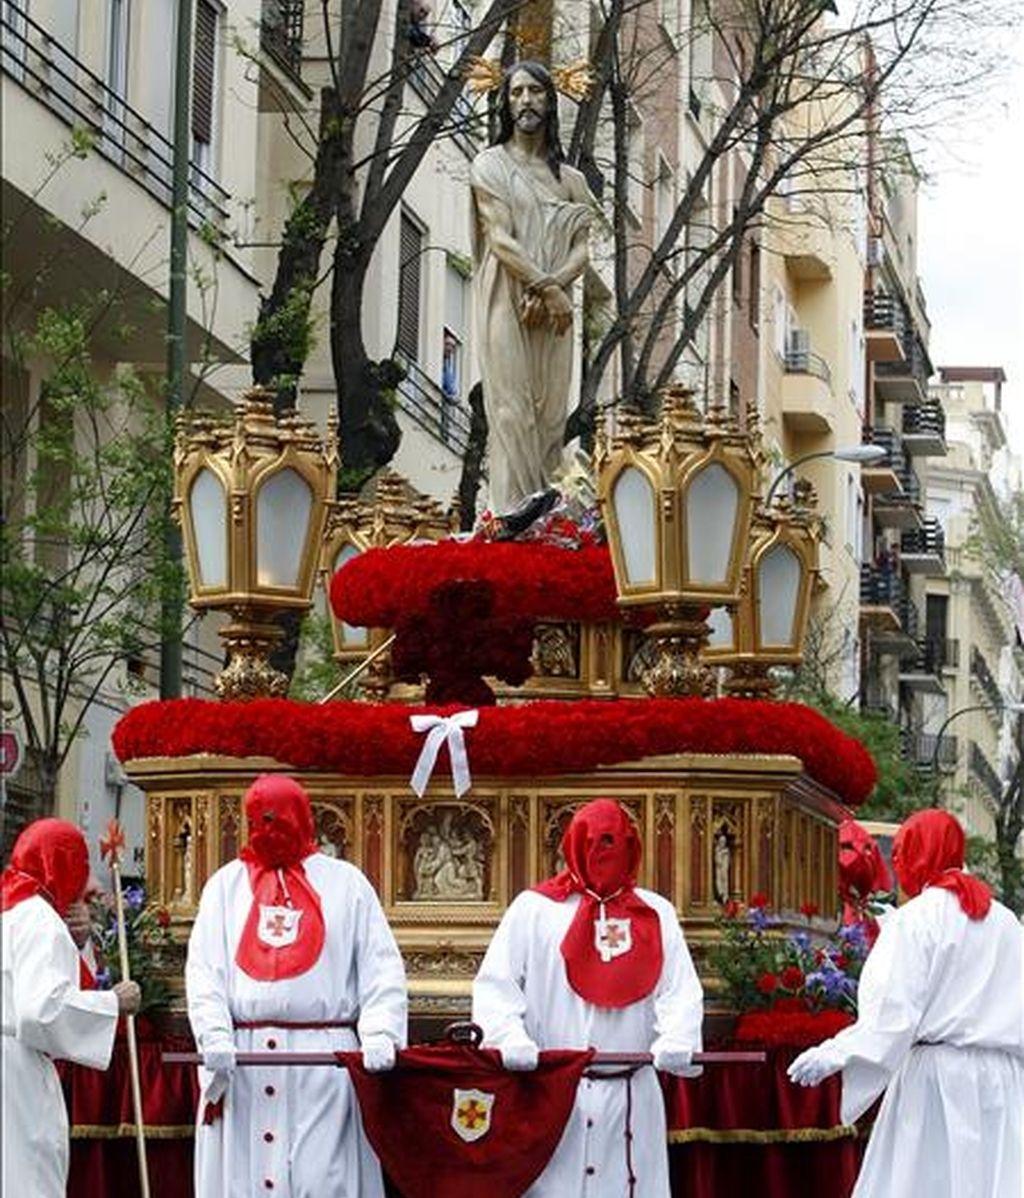 Varios cofrades trasladan la imagen del Divino Cautivo, en la que es visible un lazo blanco contra el aborto, durante la procesión que ha tenido lugar esta tarde en Madrid dentro del Jueves Santo. EFE